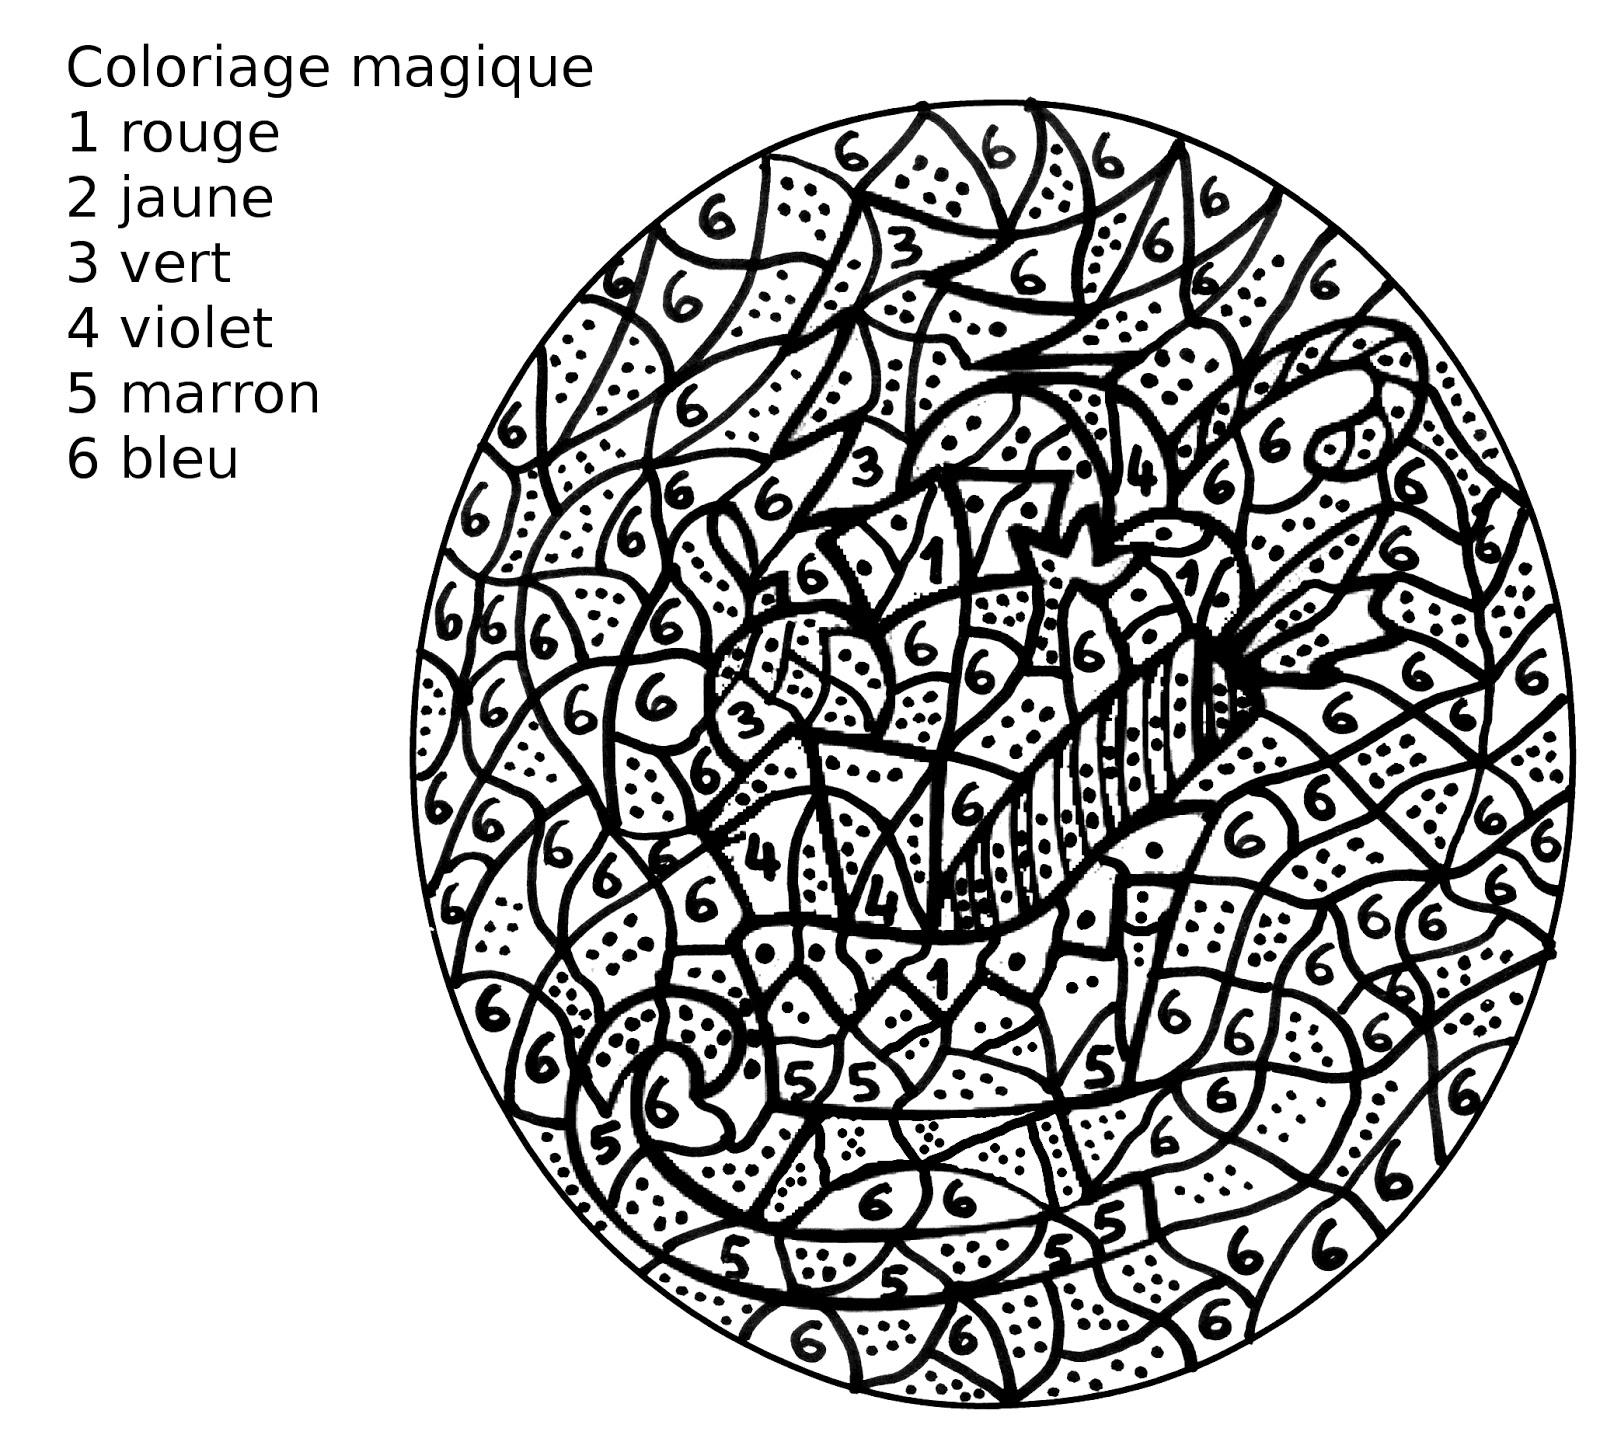 Coloriage Magique De Noel.Maternelle Coloriage Magique Un Traineau De Noel